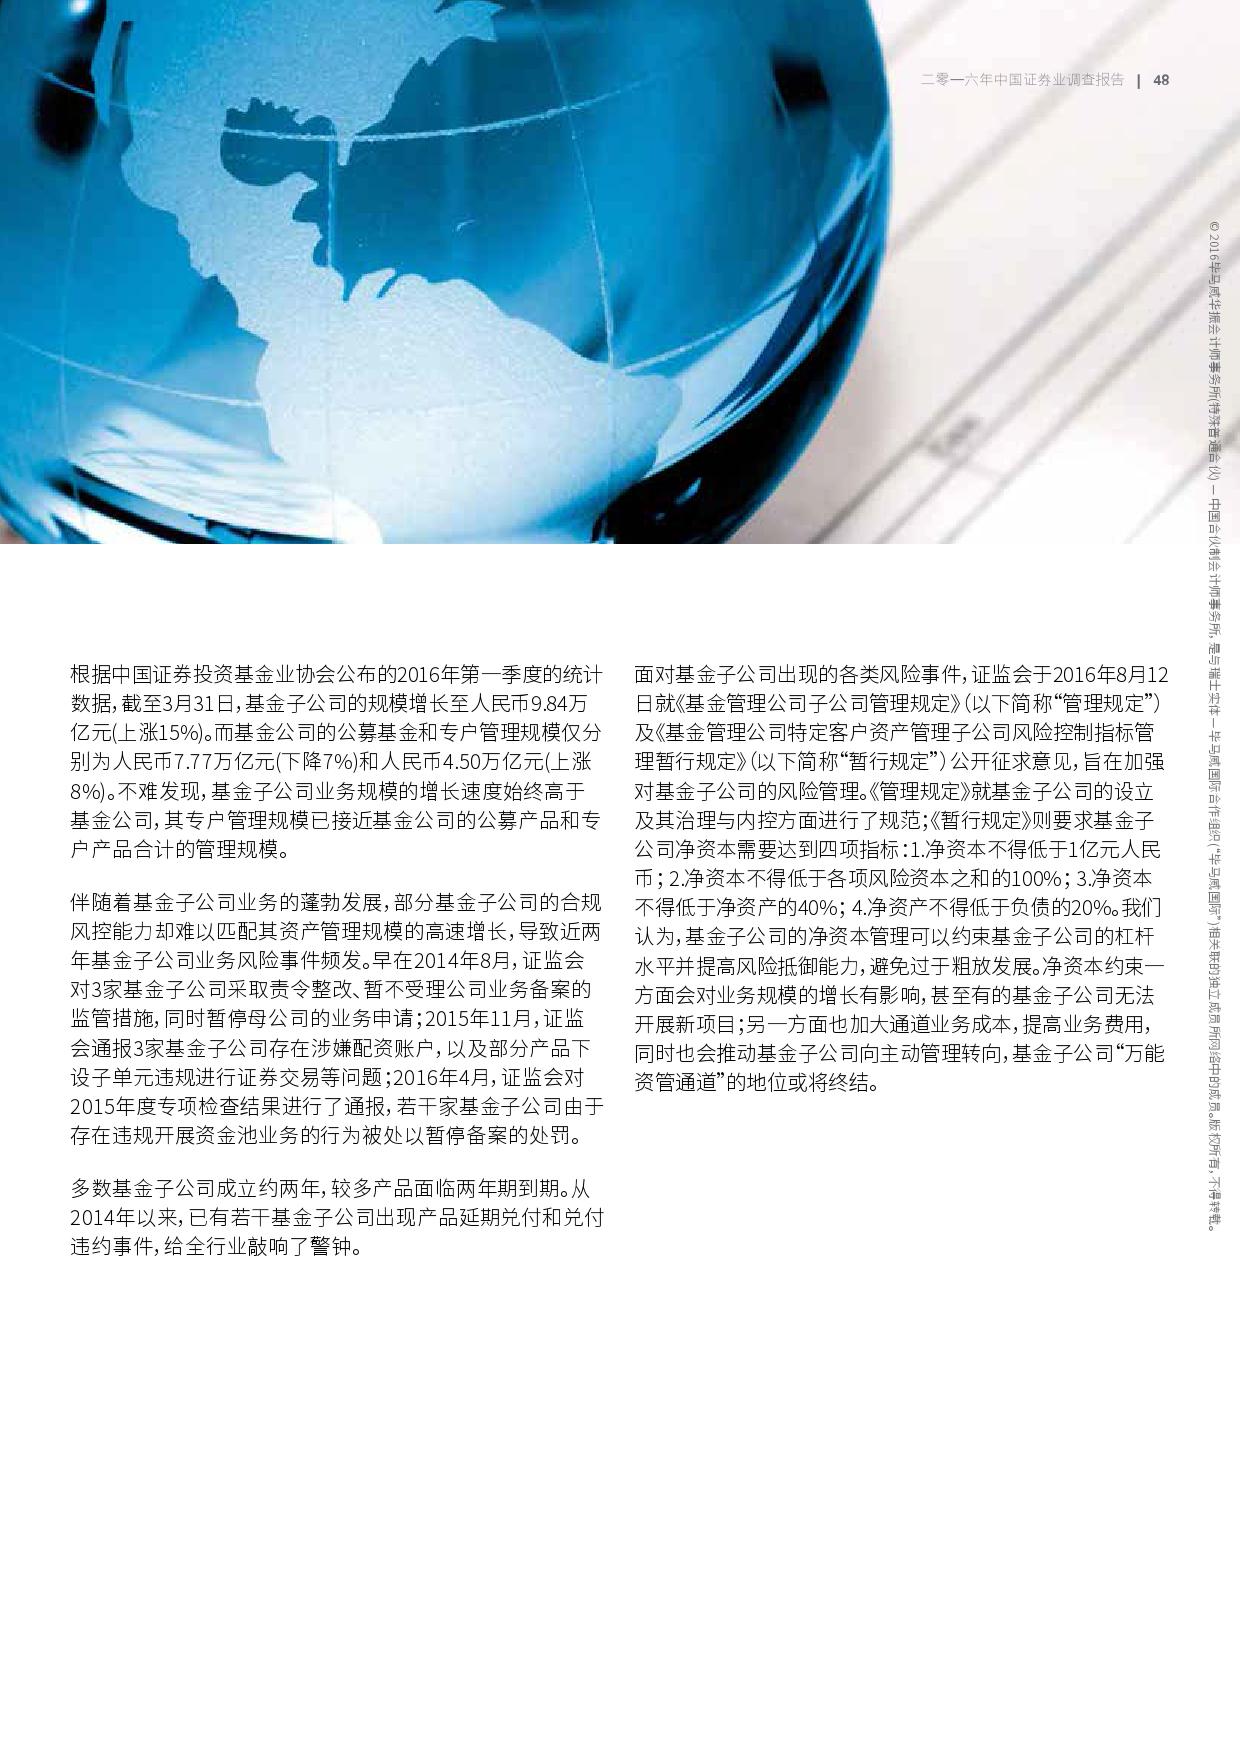 2016年中国证券业调查报告_000051